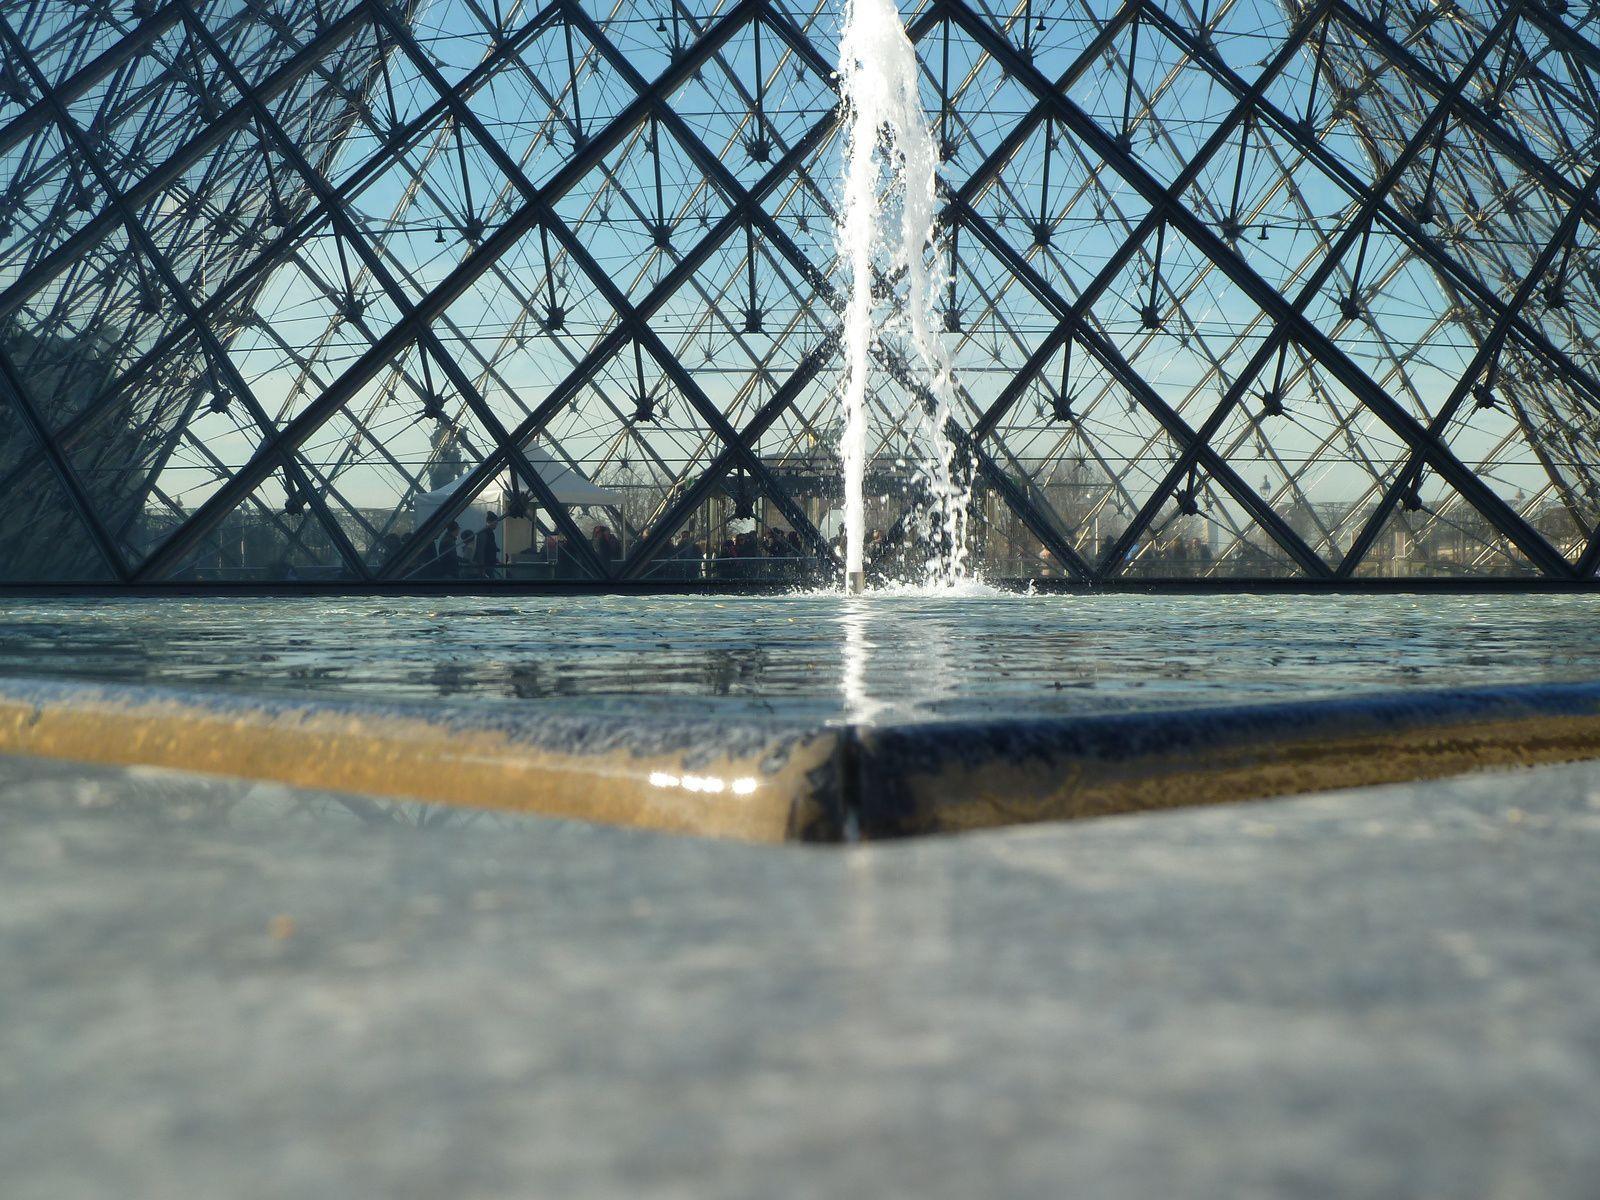 Avant d'entrer au musée, nous avons fait le tour de l'esplanade et ses fameuses pyramides. Malgré les nombreux débats et critiques sur l'opportunité de cet ensemble architectural, que nous devons à François Mitterrand, il faut reconnaitre que c'est une véritable réussite qui attire les parisiens et les touristes du monde entier.